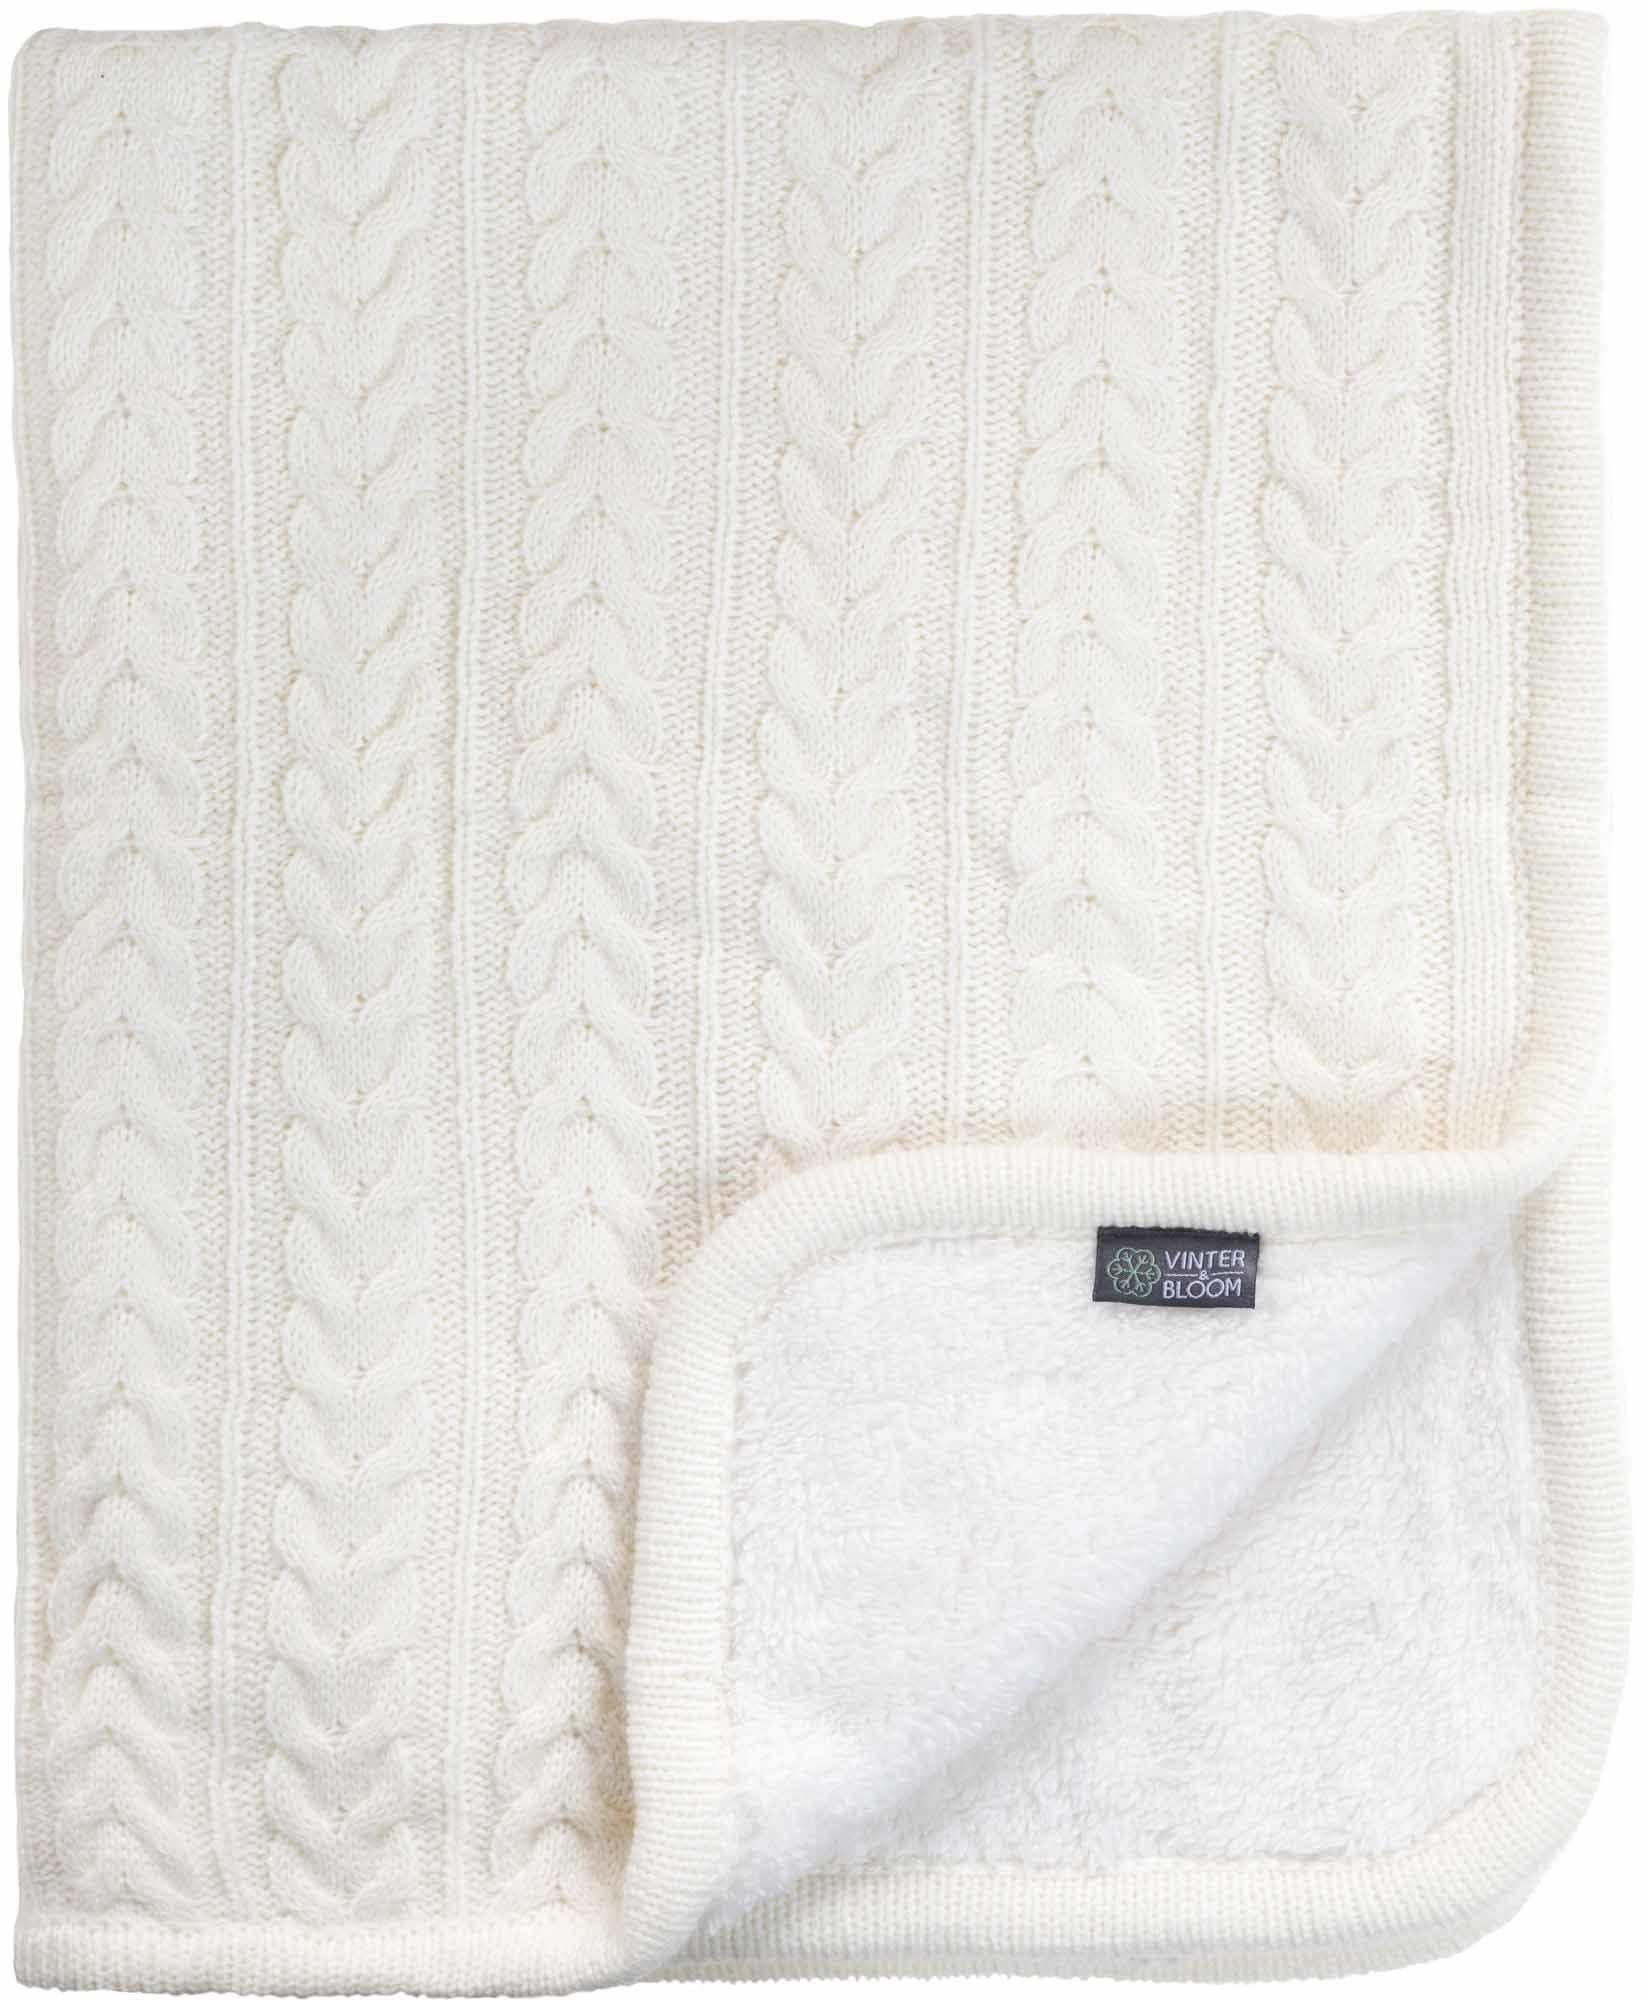 Vinter & Bloom Filt Cuddly, Ivory